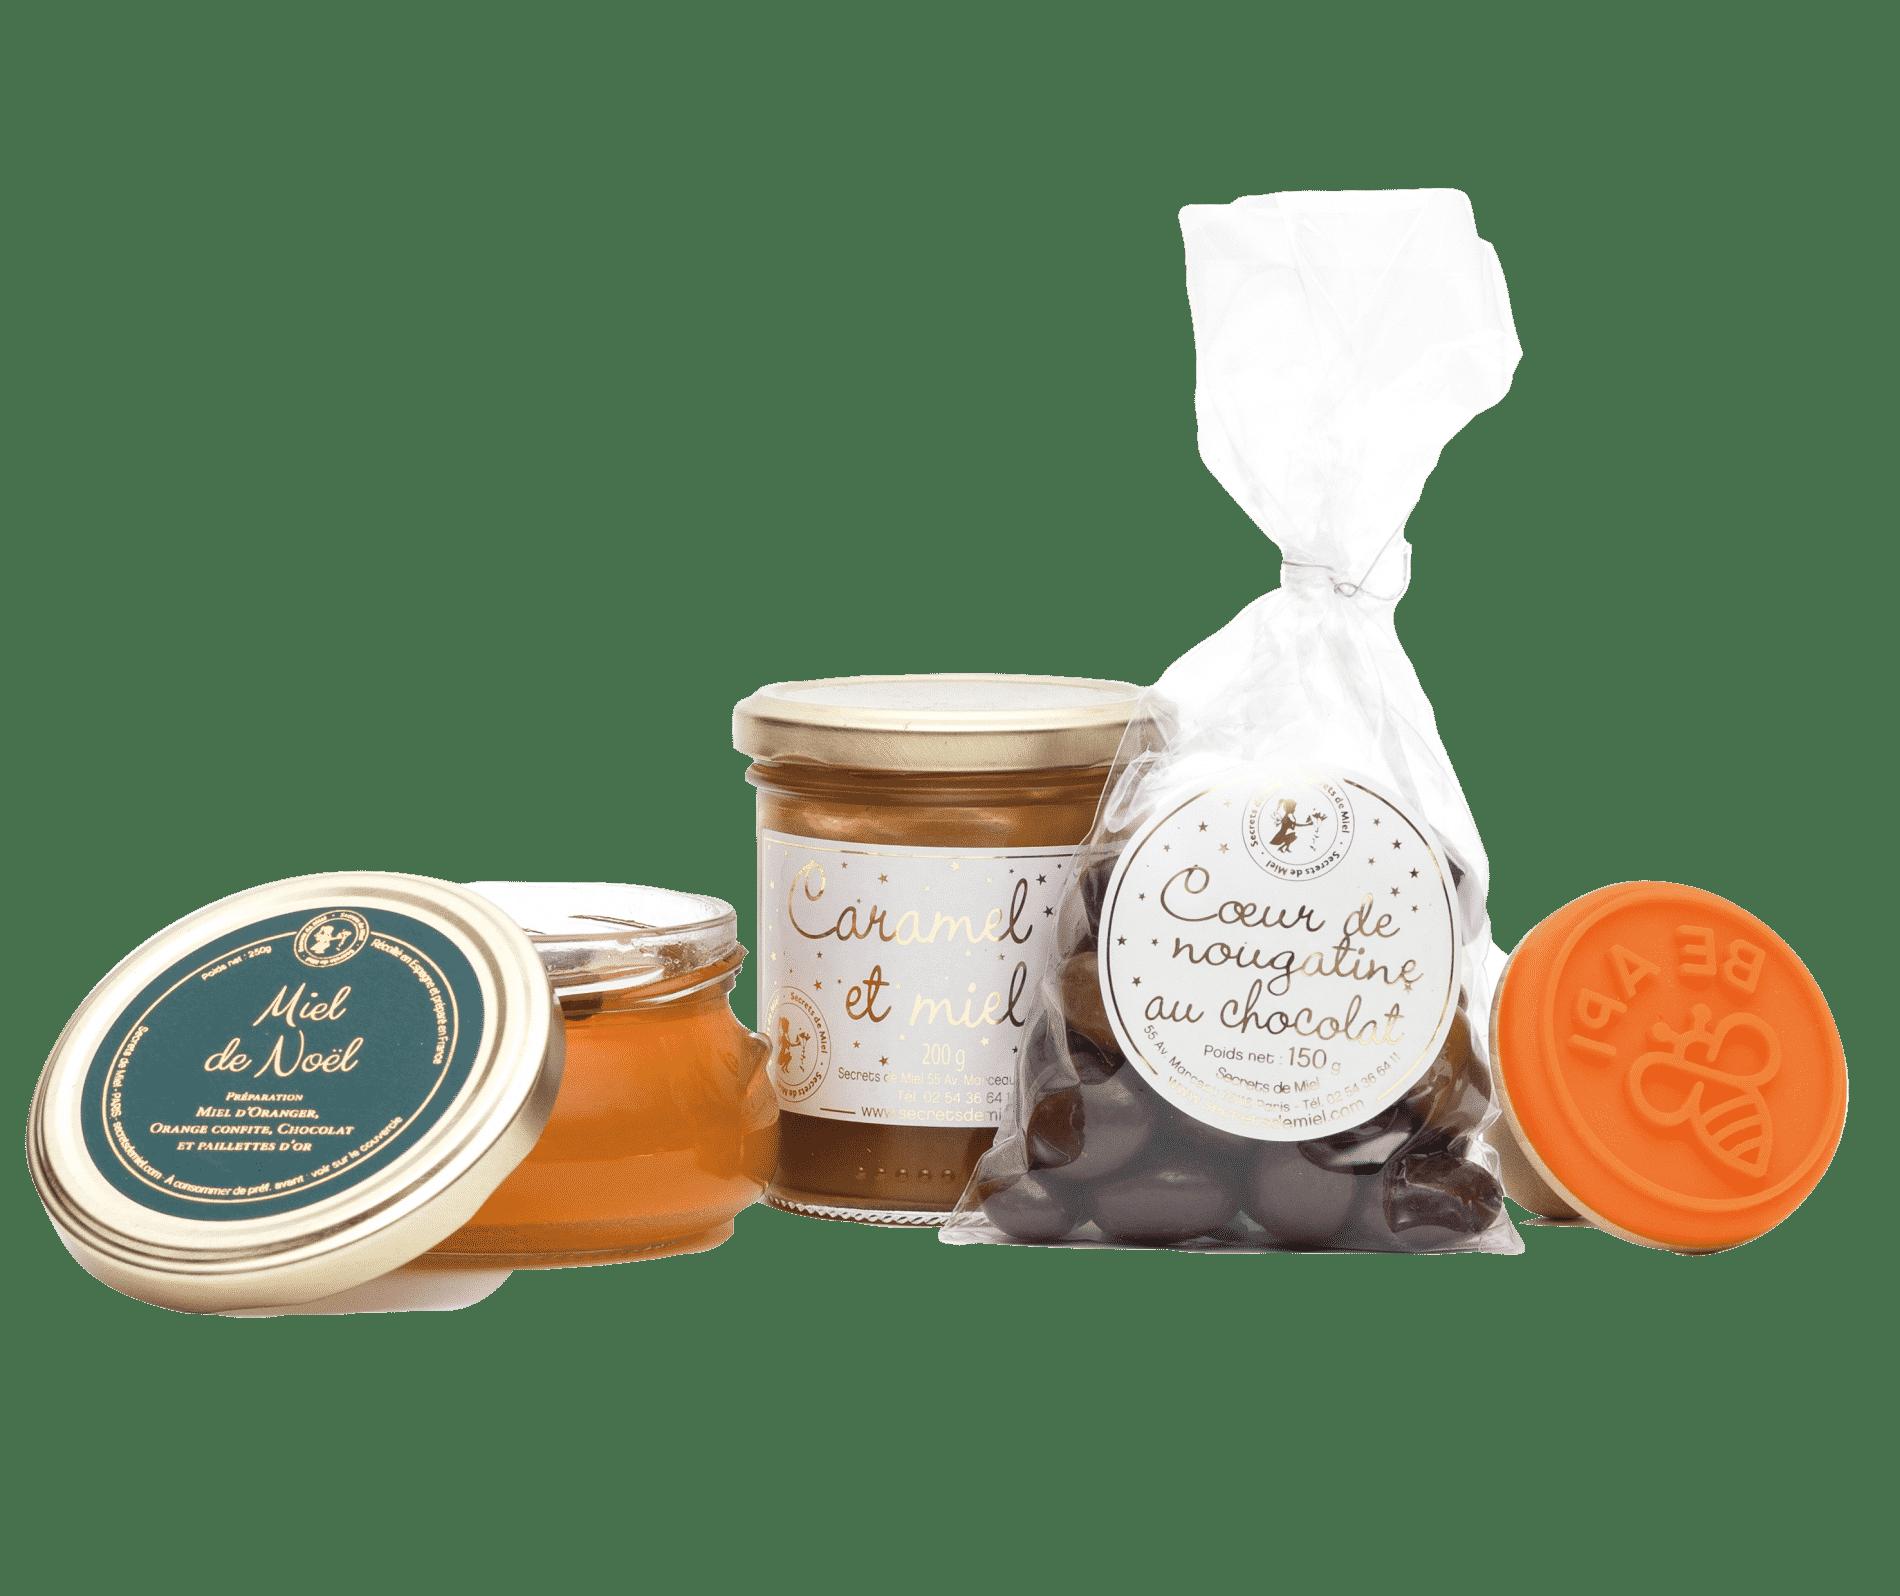 coffret gourmand - Noël - produits artisanaux - Secrets de Miel